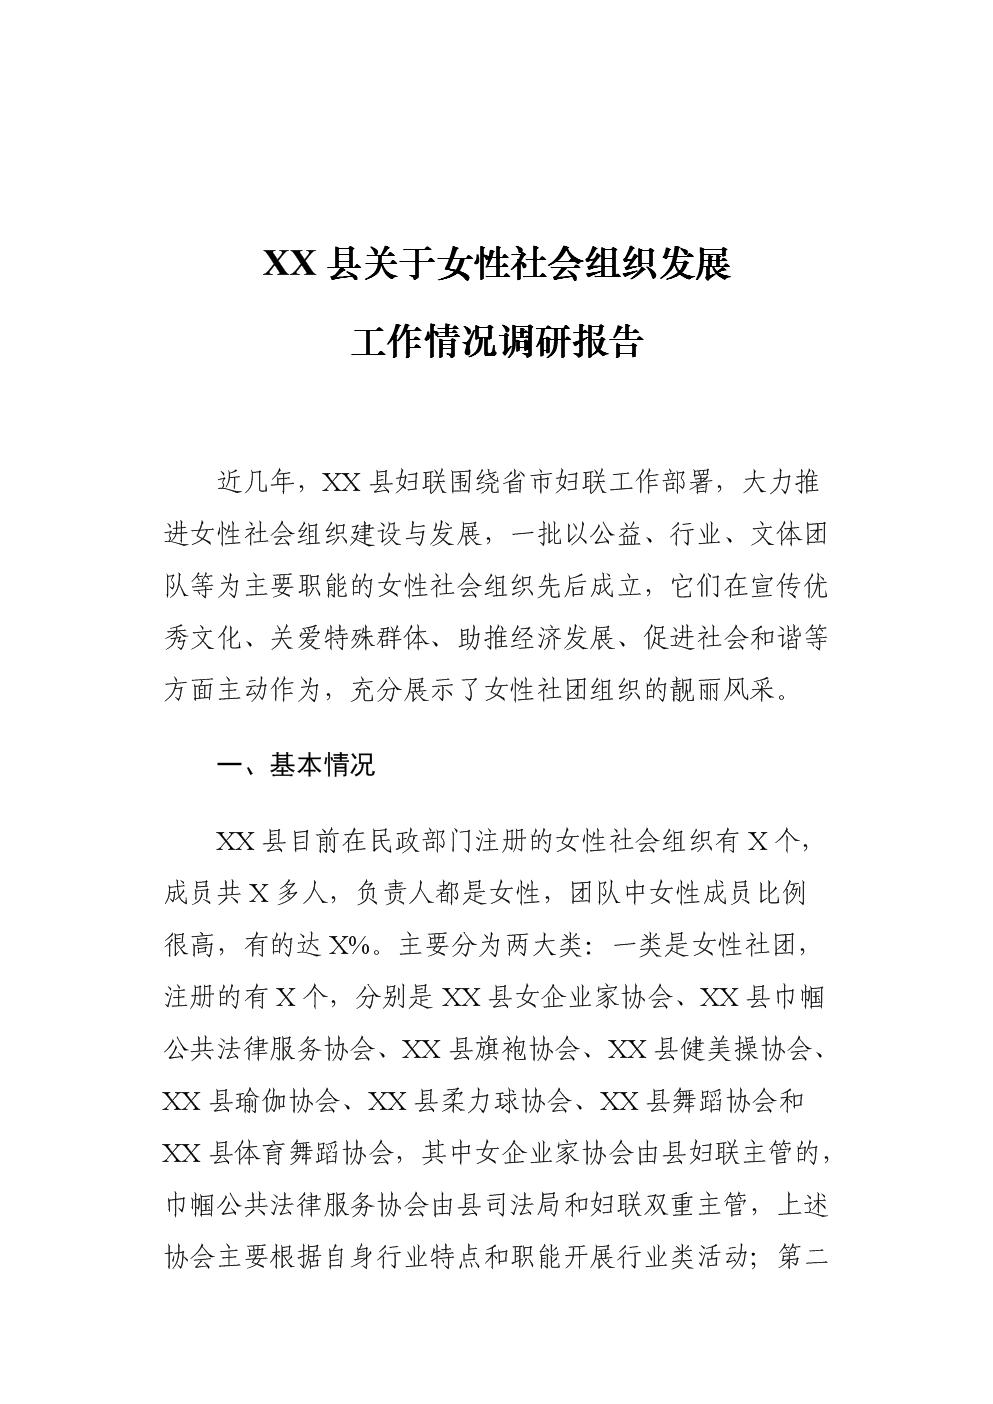 XX县关于女性社会组织发展工作情况调研报告.docx